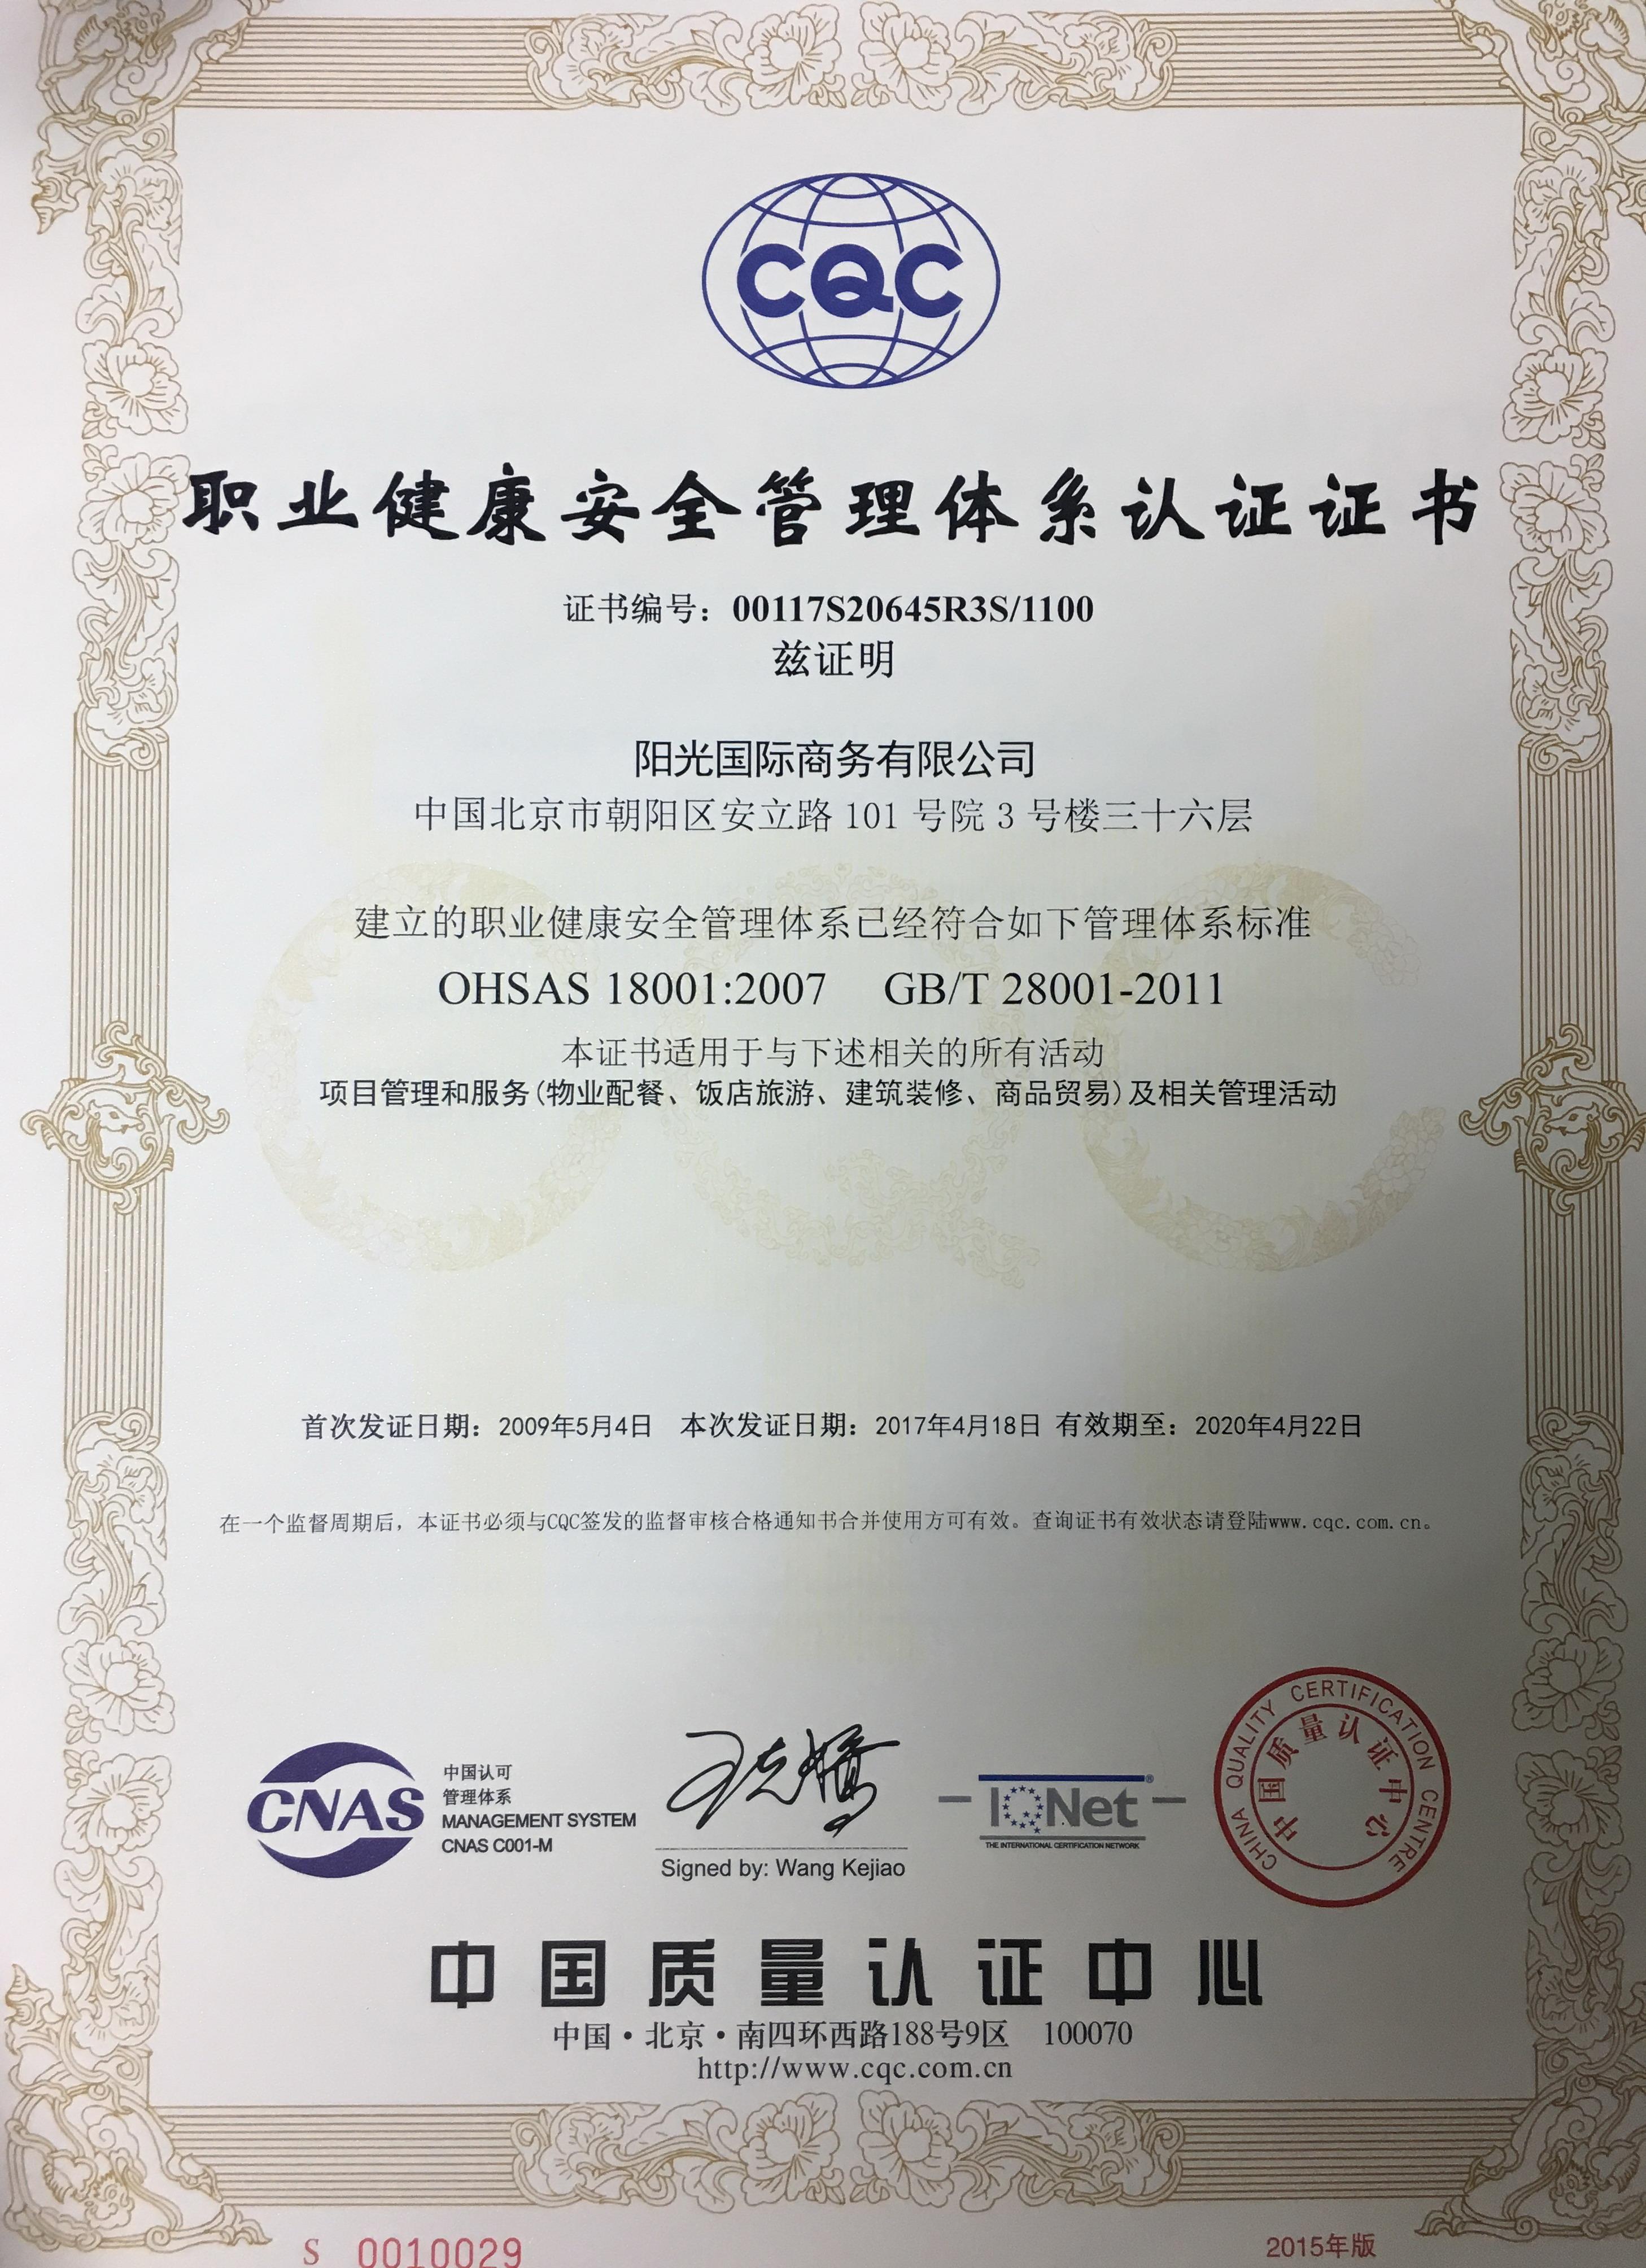 職業安全健康管理體系認證OHSAS18001,2007C